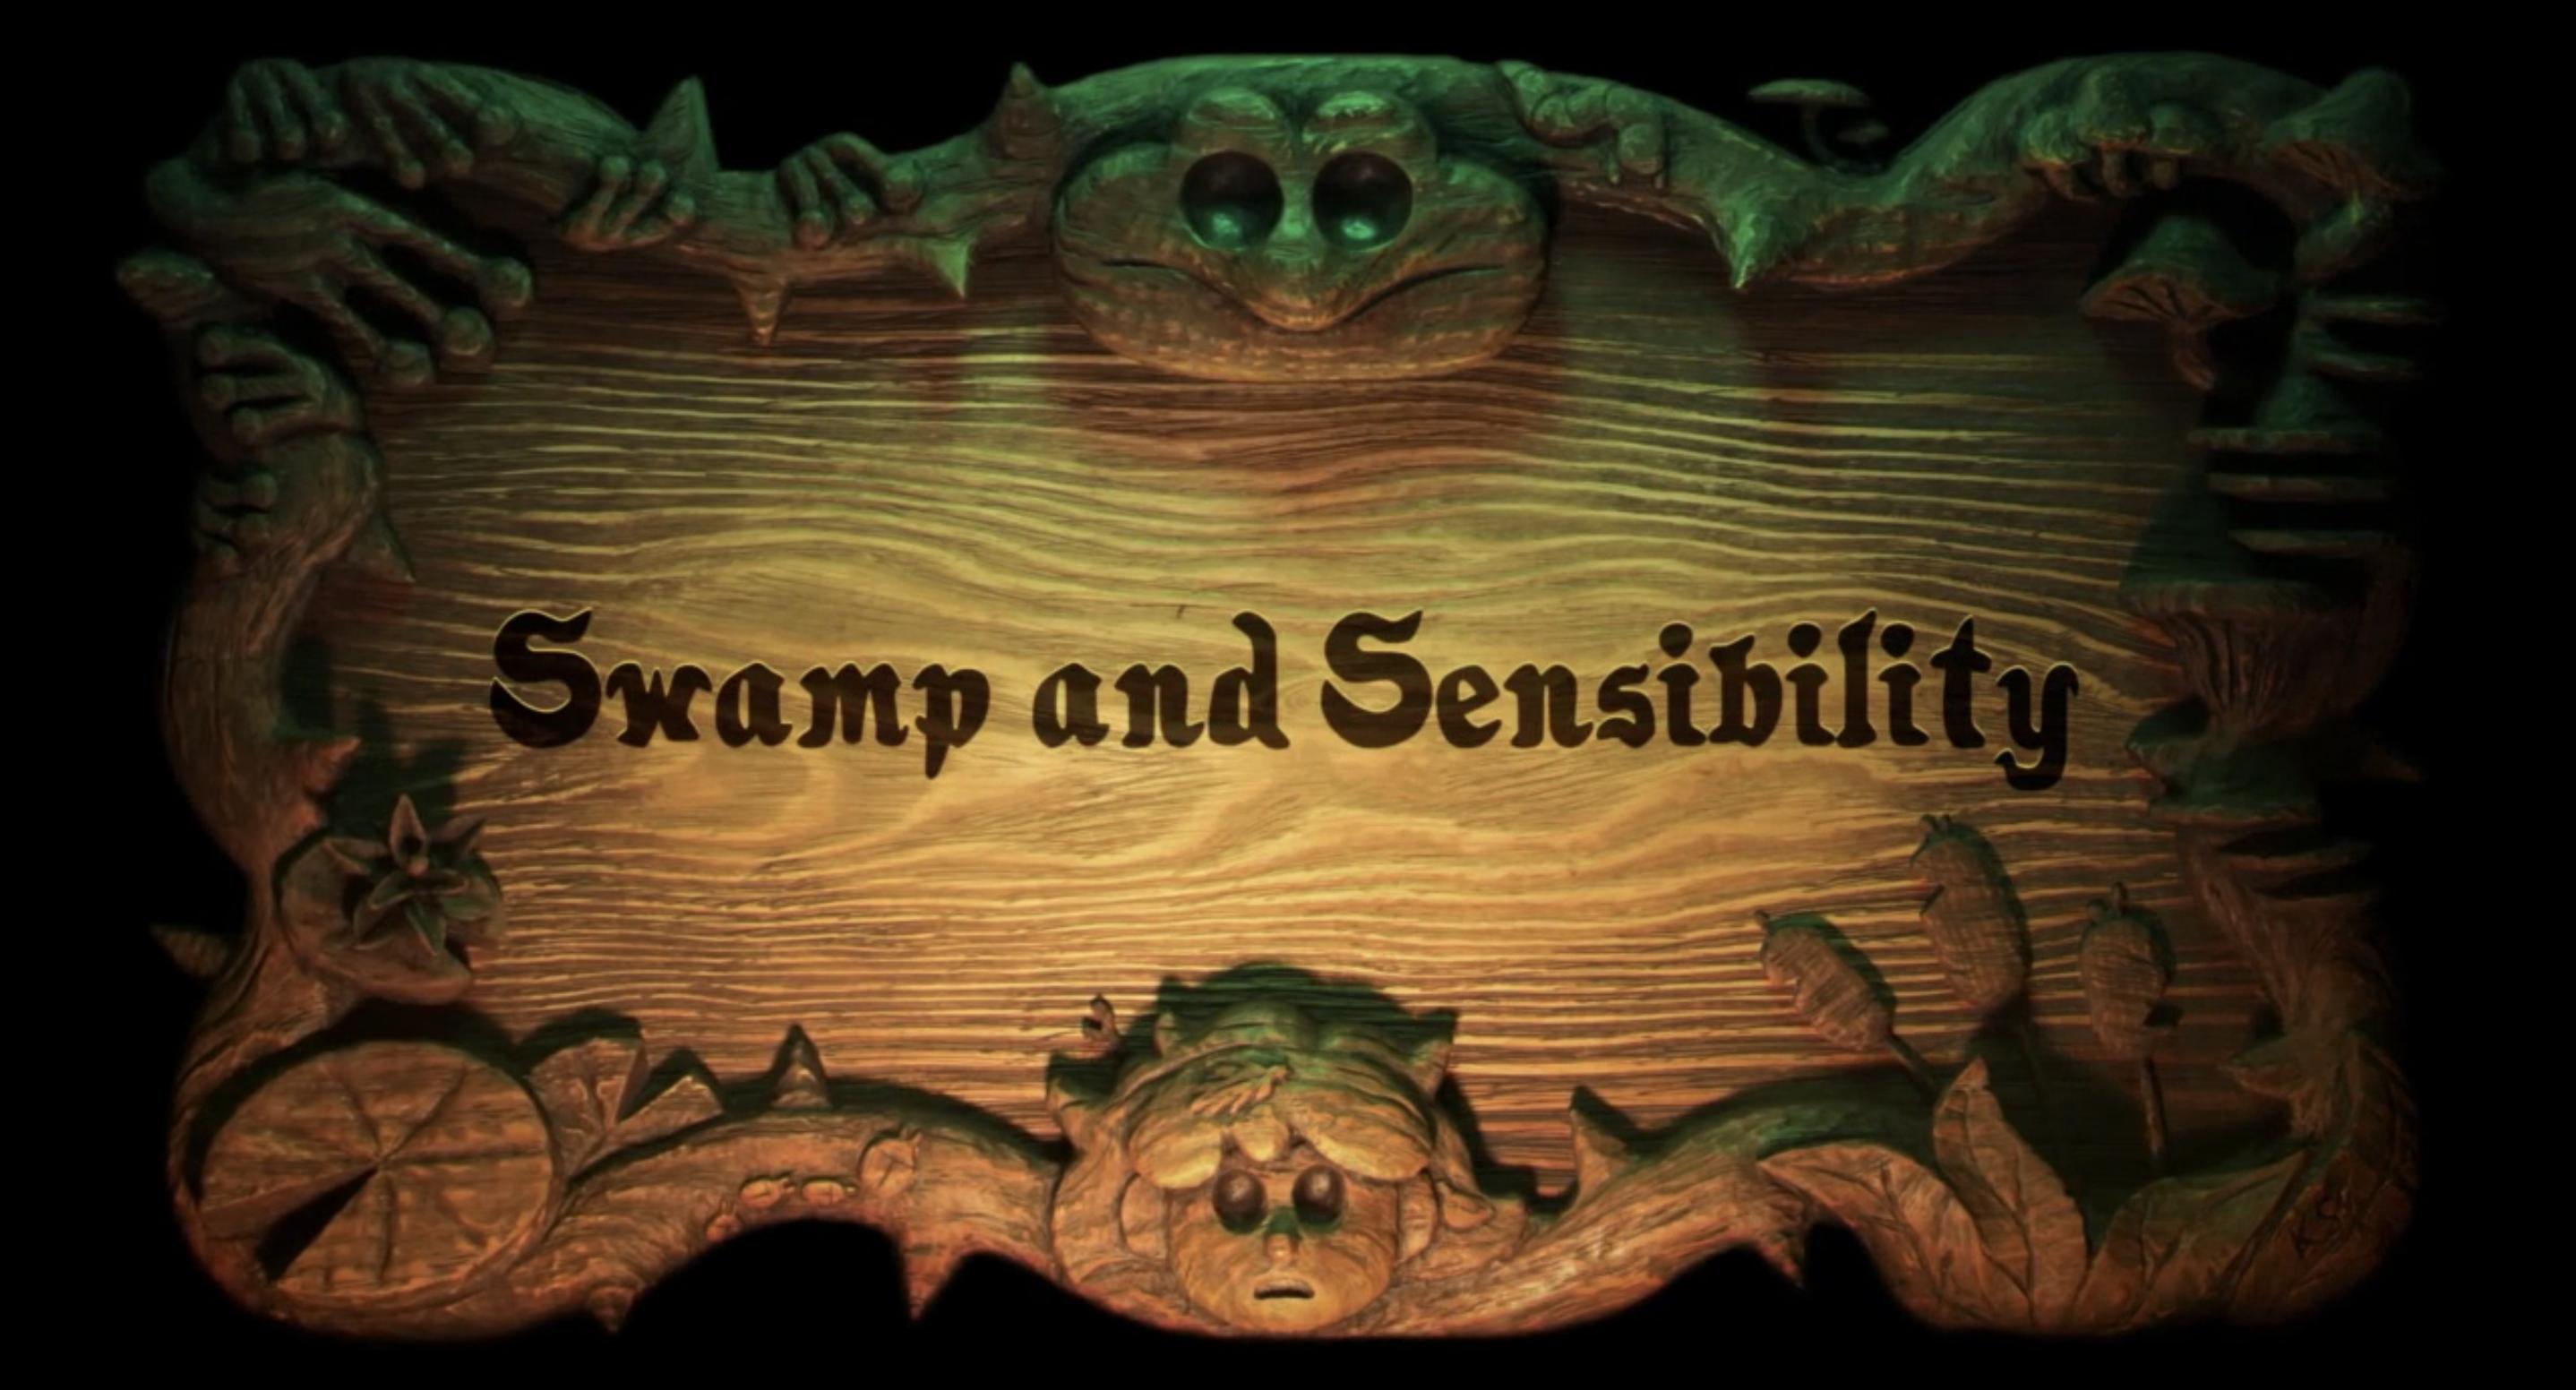 Swamp and Sensibilty.png